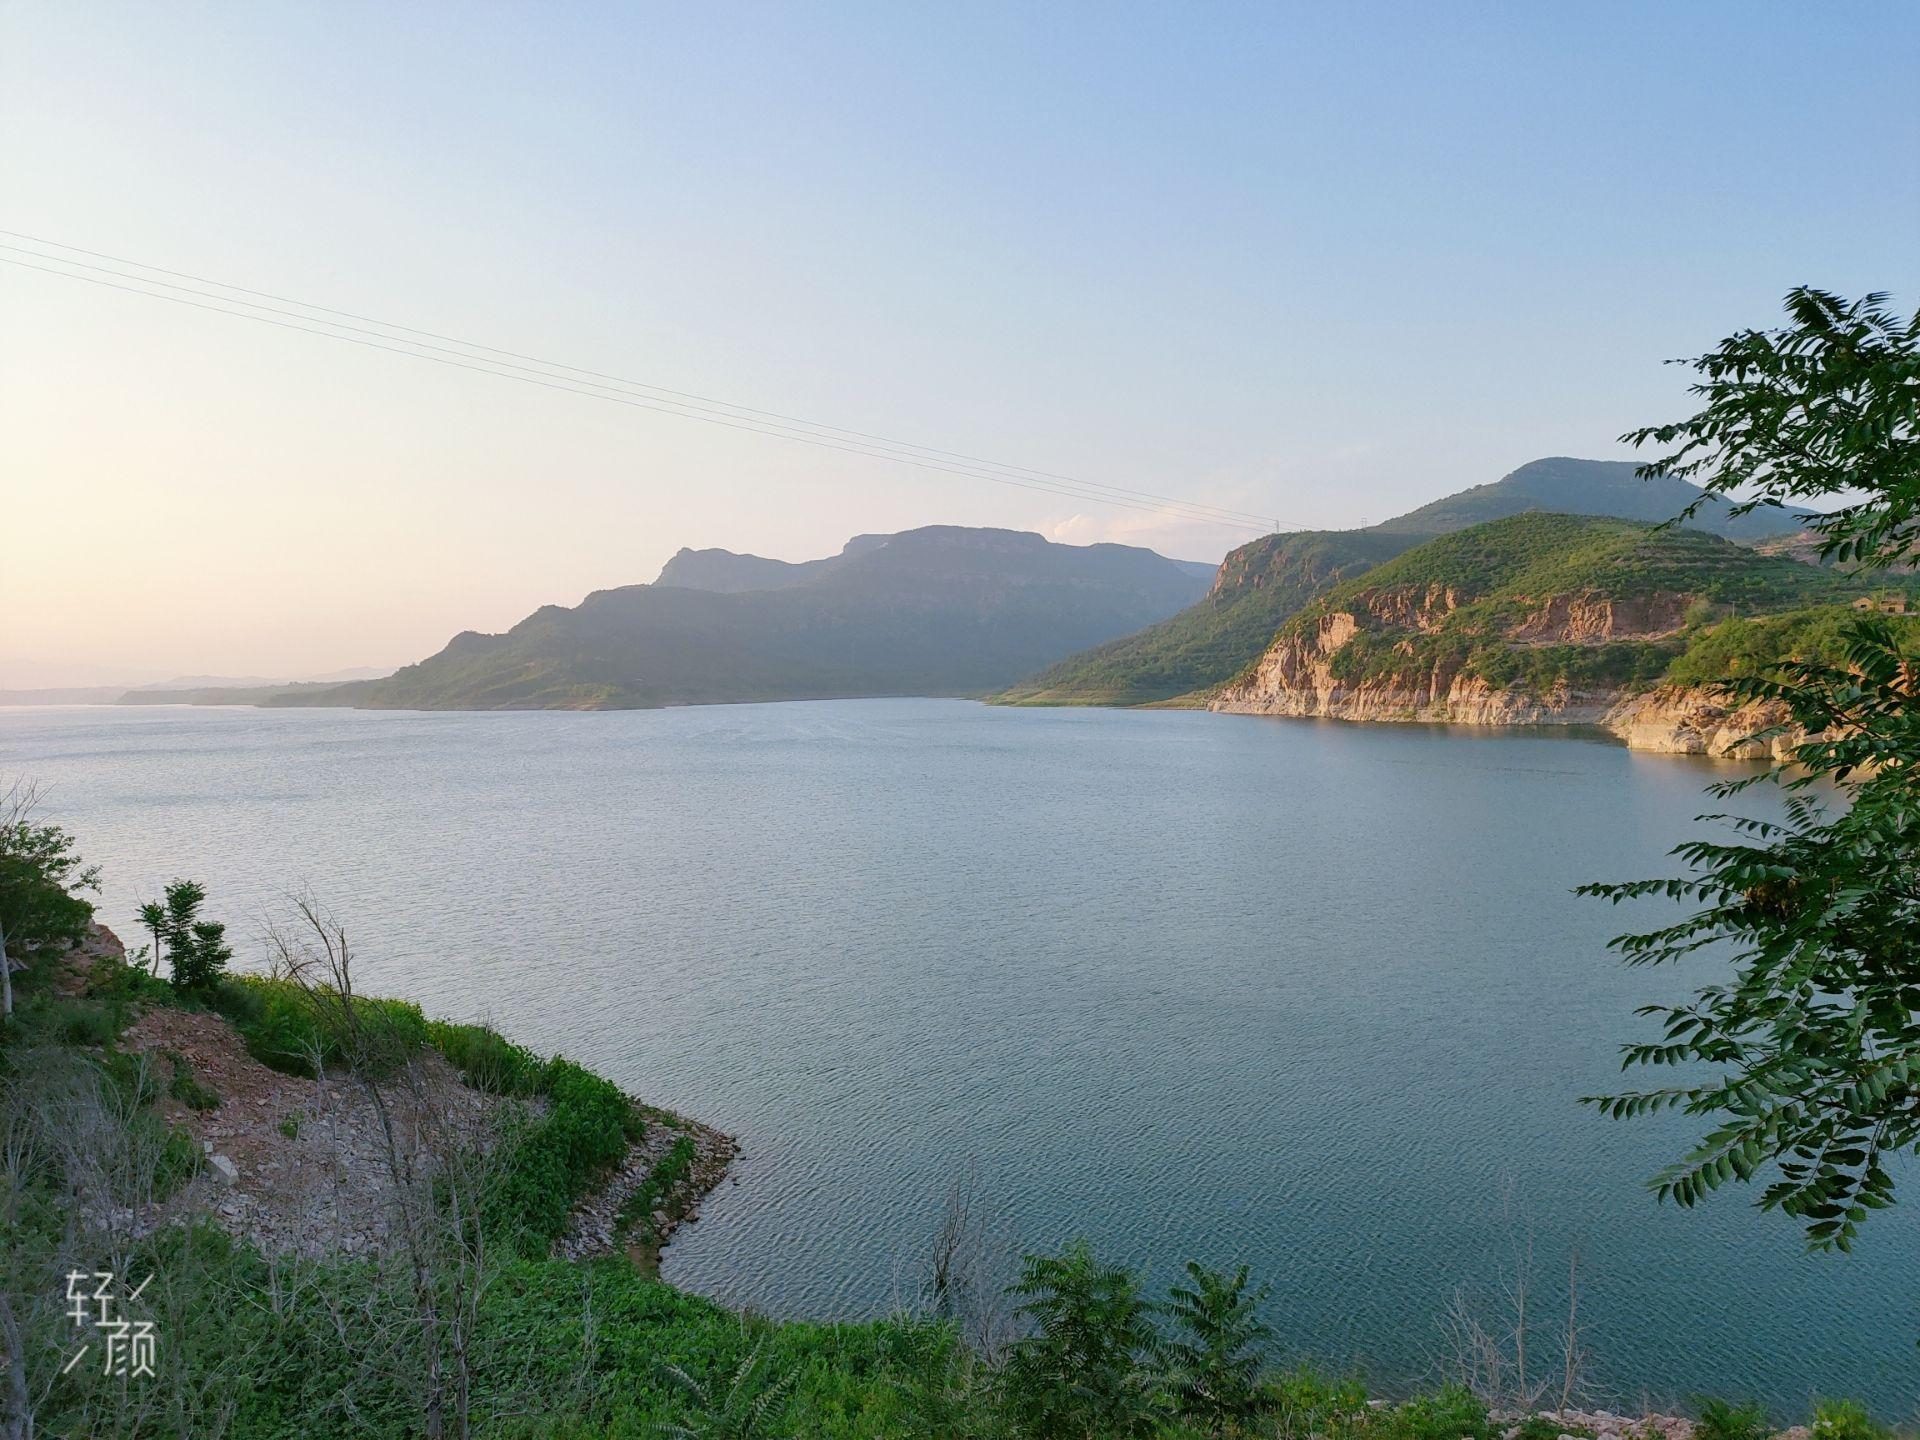 Zhuzhuang Reservoir